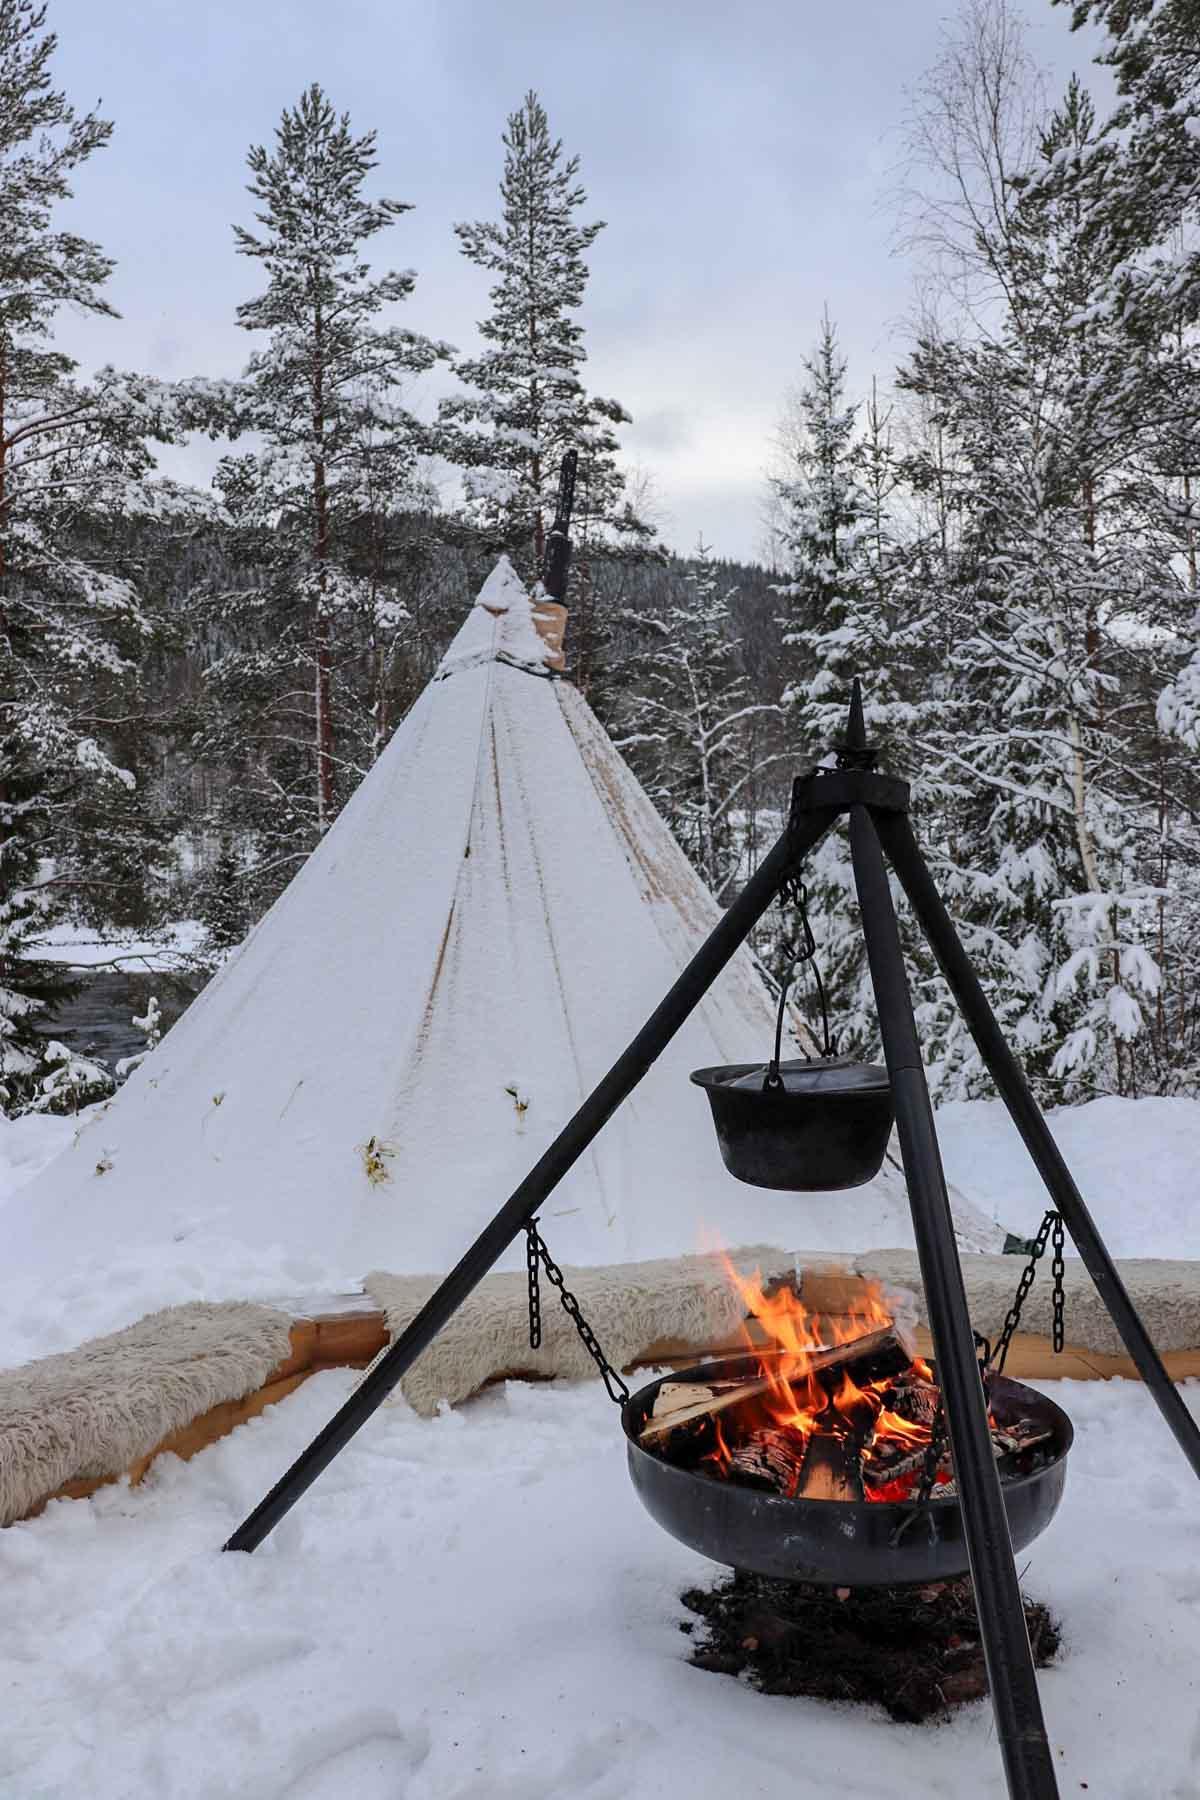 De leukste dingen om te doen in Värmland in de winter, slapen in een tipi - Map of Joy